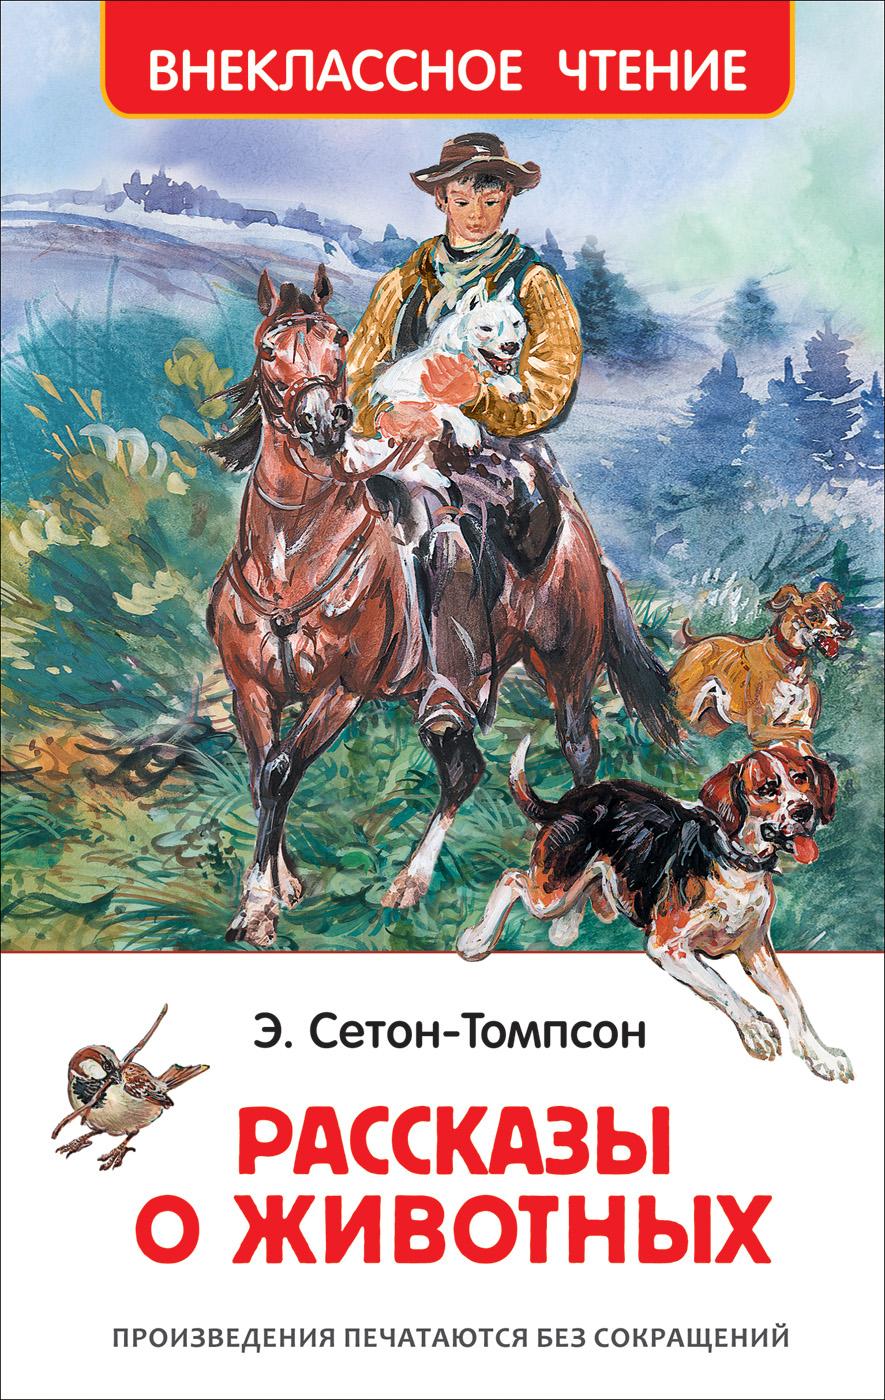 Книга - Э. Сетон-Томпсон - Рассказы о животных из серии Внеклассное чтениеВнеклассное чтение 6+<br>Книга - Э. Сетон-Томпсон - Рассказы о животных из серии Внеклассное чтение<br>